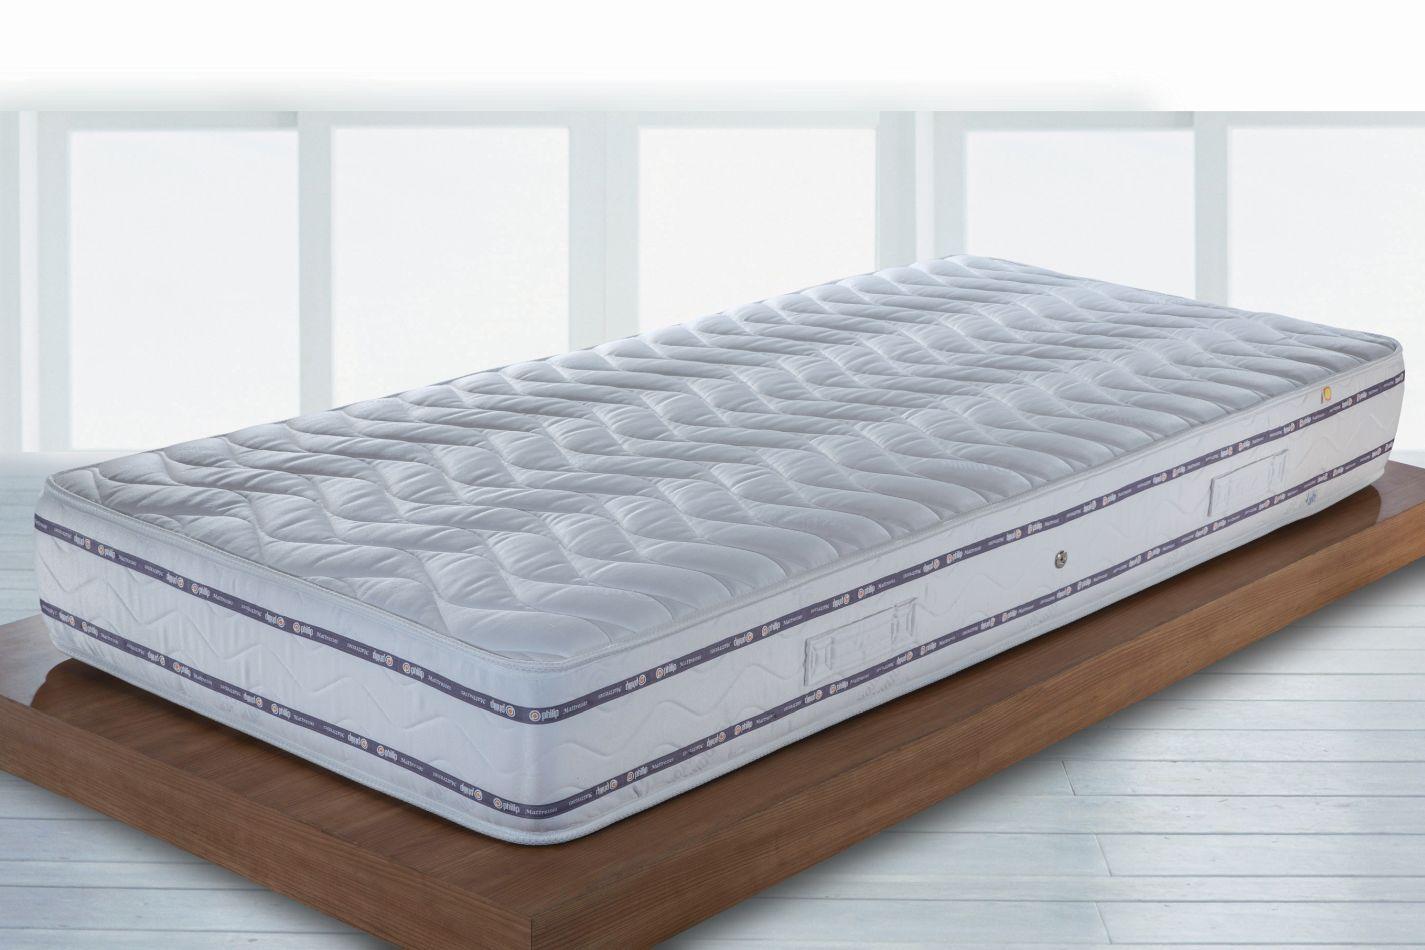 Matratze Elegance Relax mit Bonell Federkern - Abmessungen: 120 x 200 cm